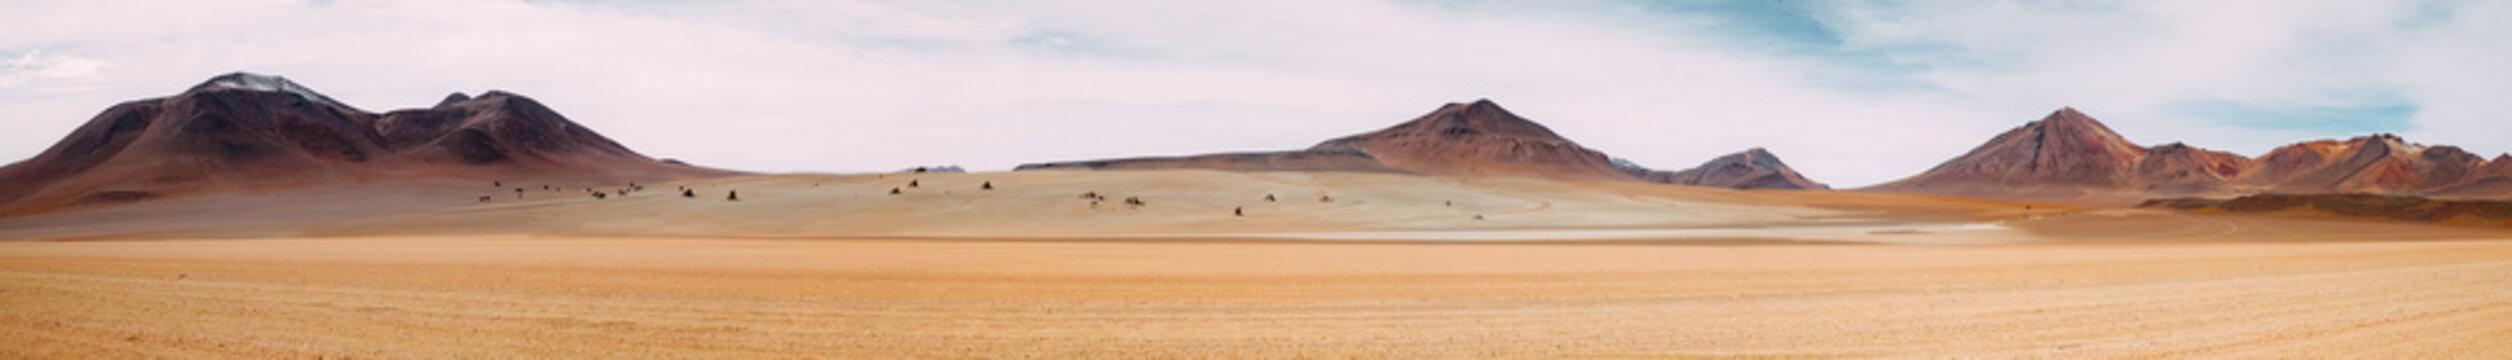 The vast expanse of nothingness - Atacama Desert - Bolivia